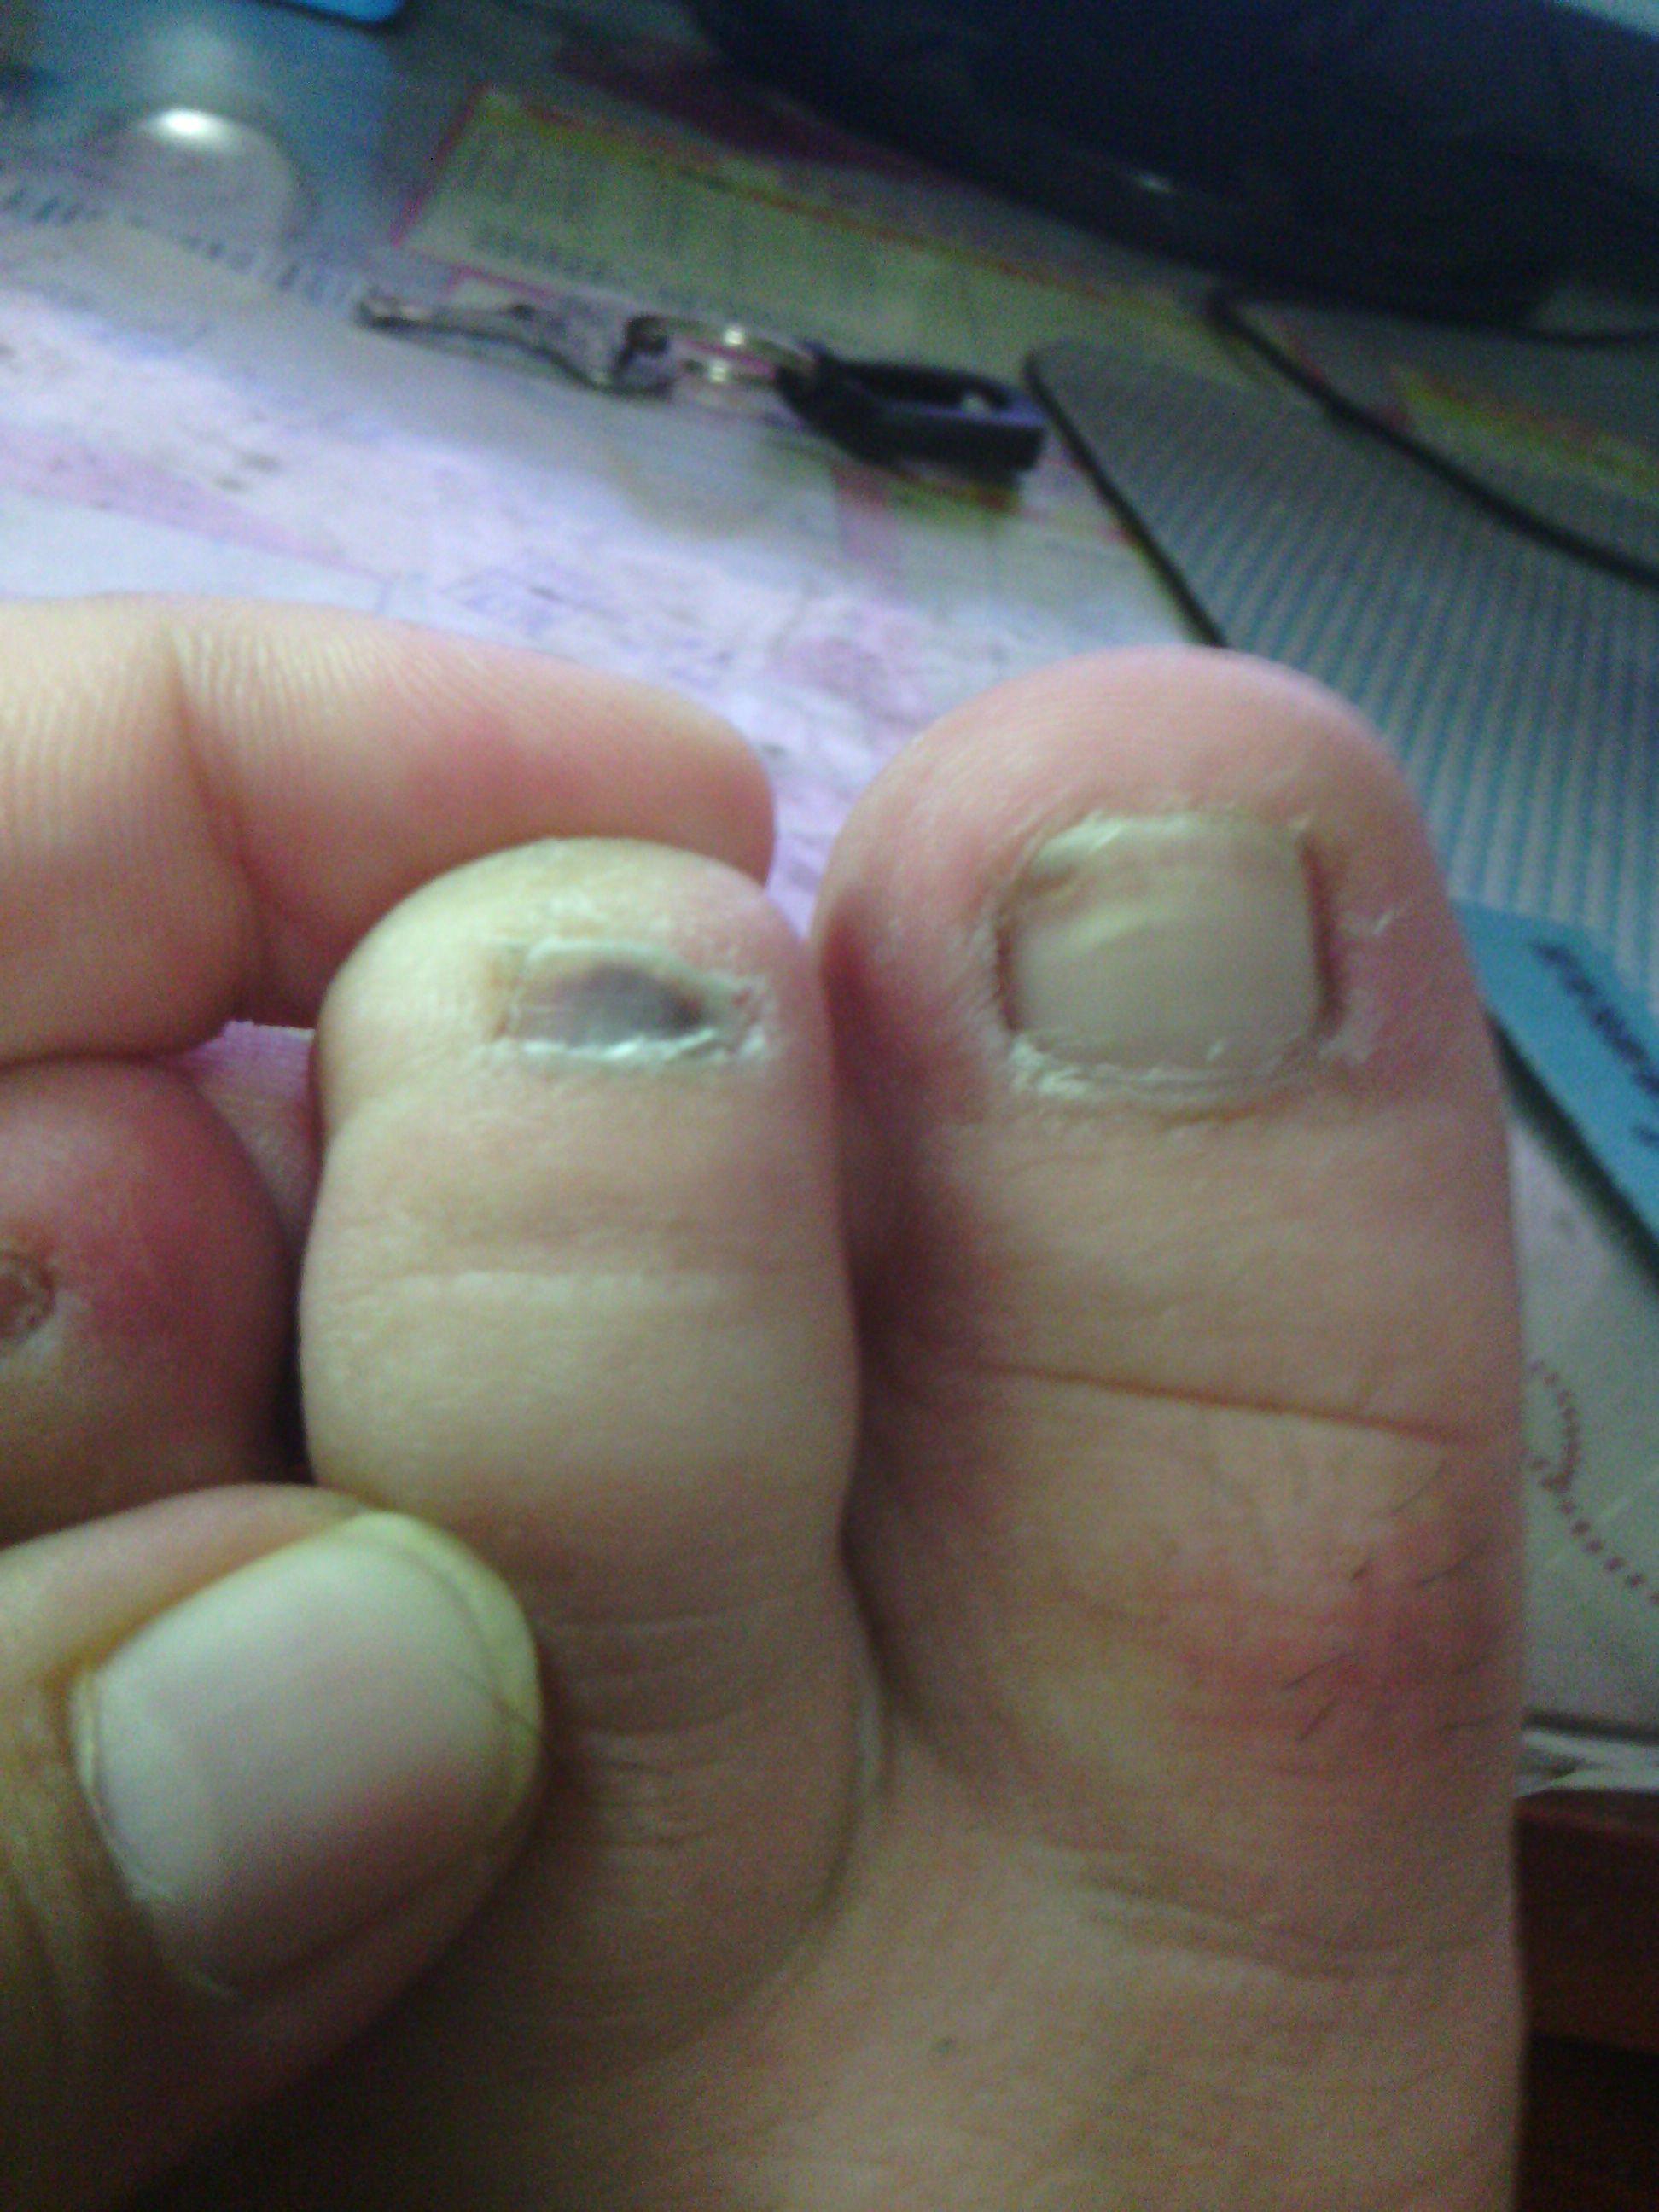 灰指甲用啥药好_我这是不是灰指甲的症状,应该怎么治,用什么药比较好,什么 ...